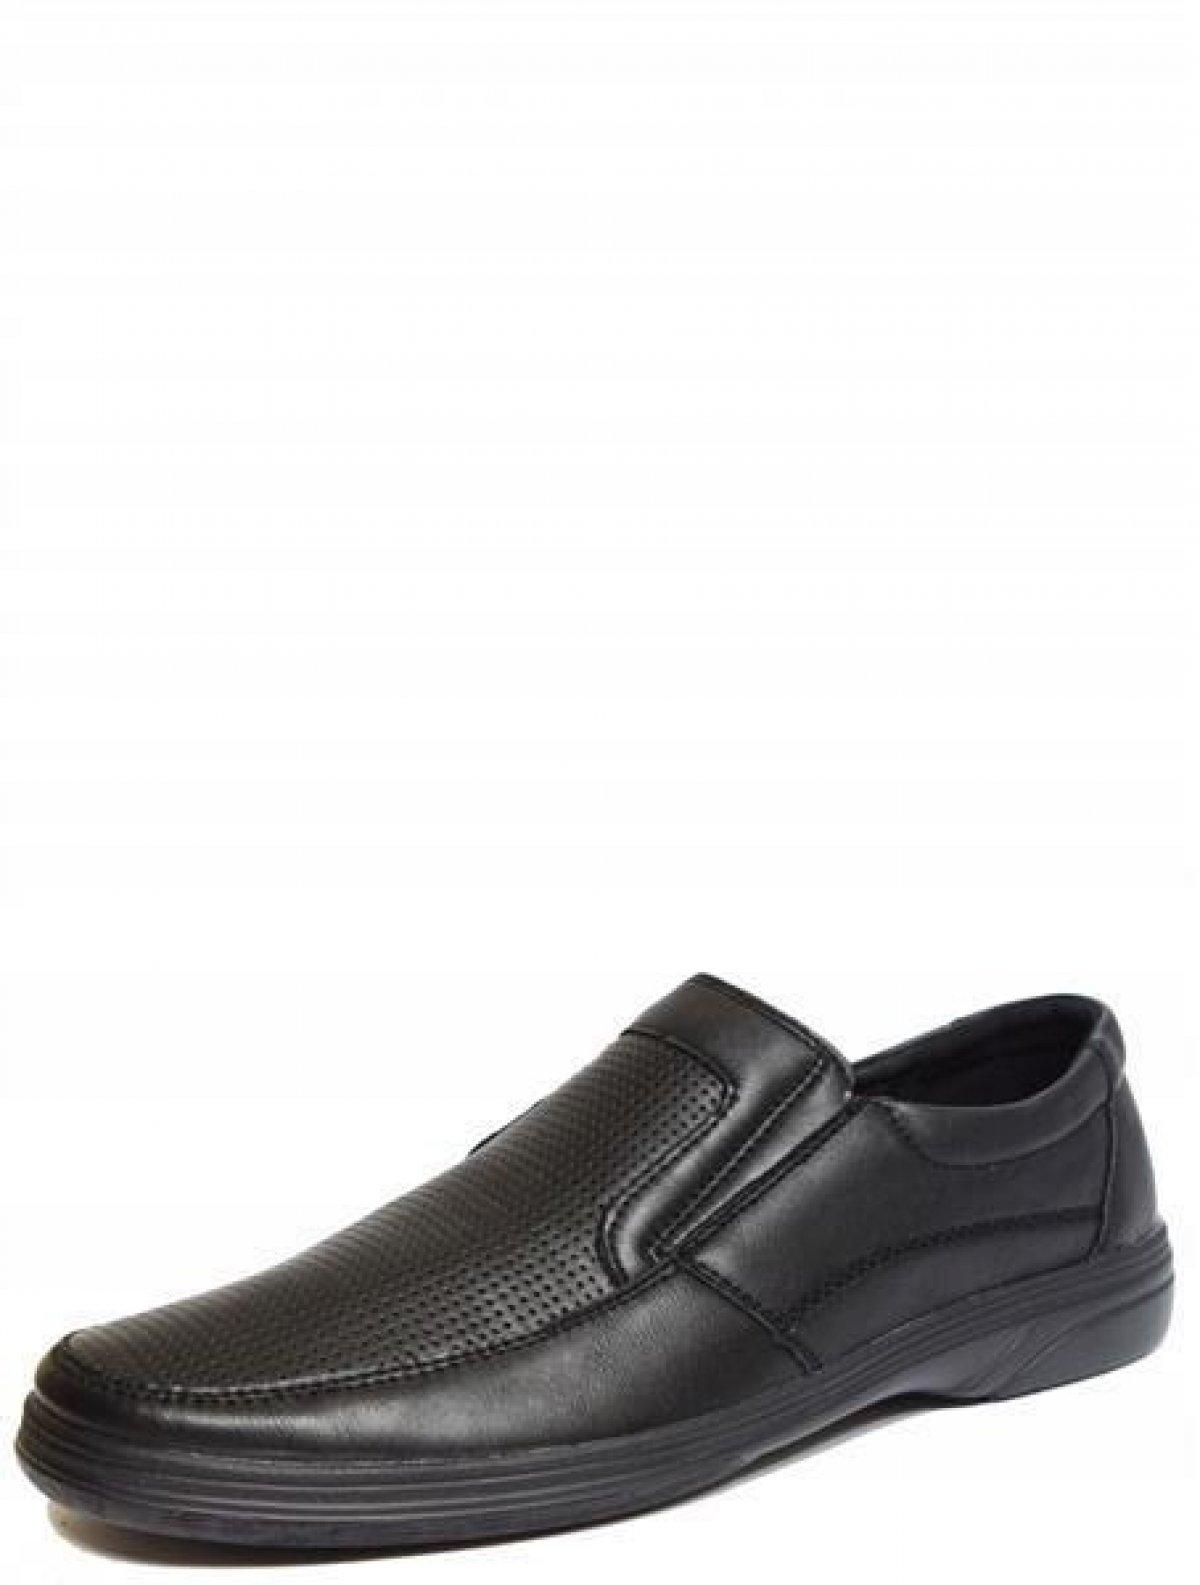 117070-5 туфли мужские